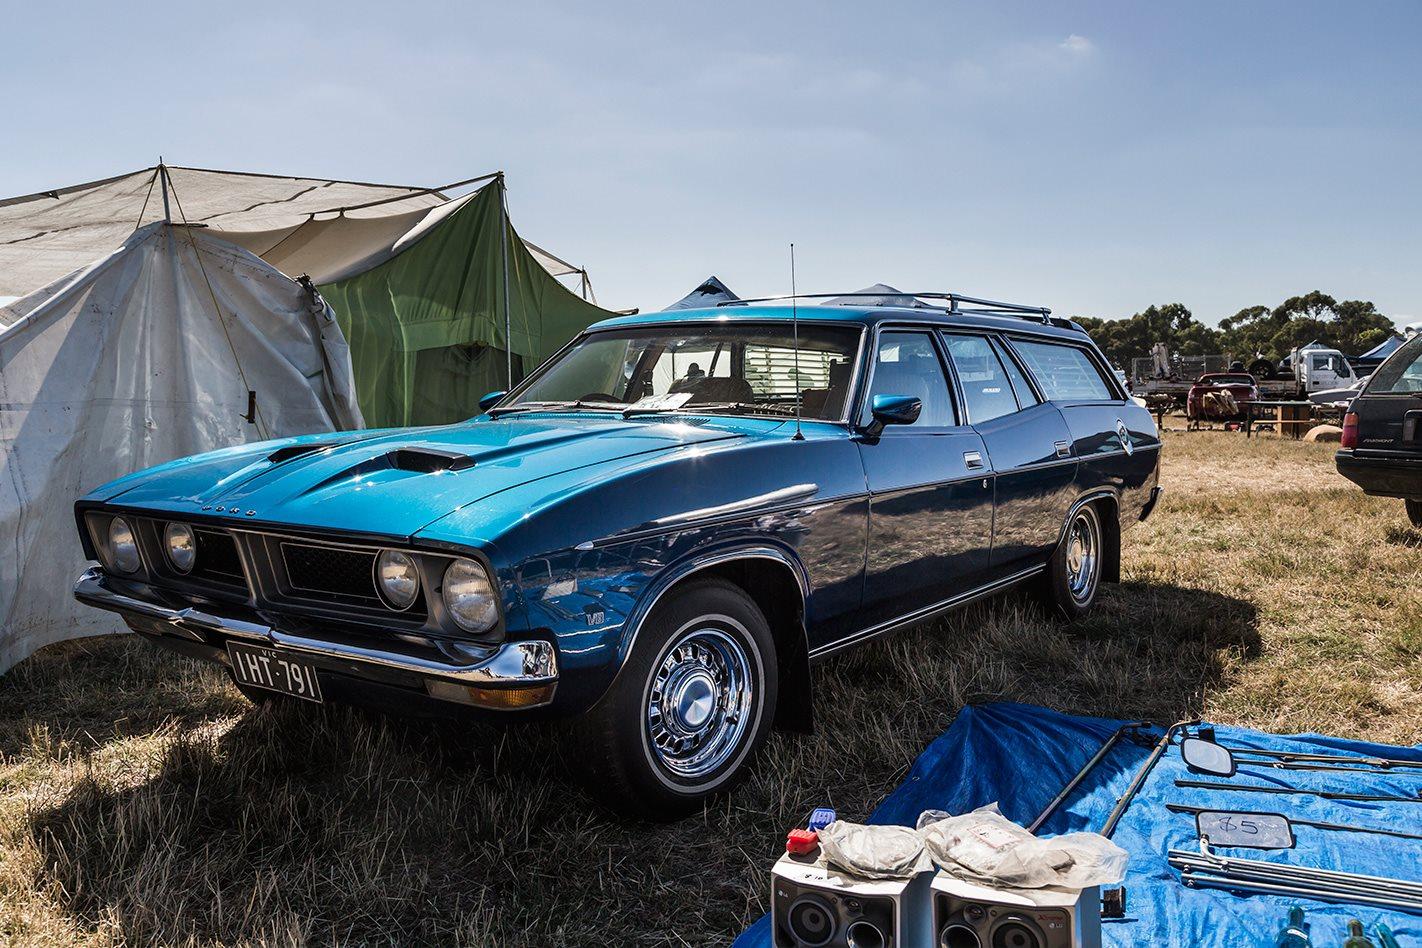 Ford Falcon XB wagon